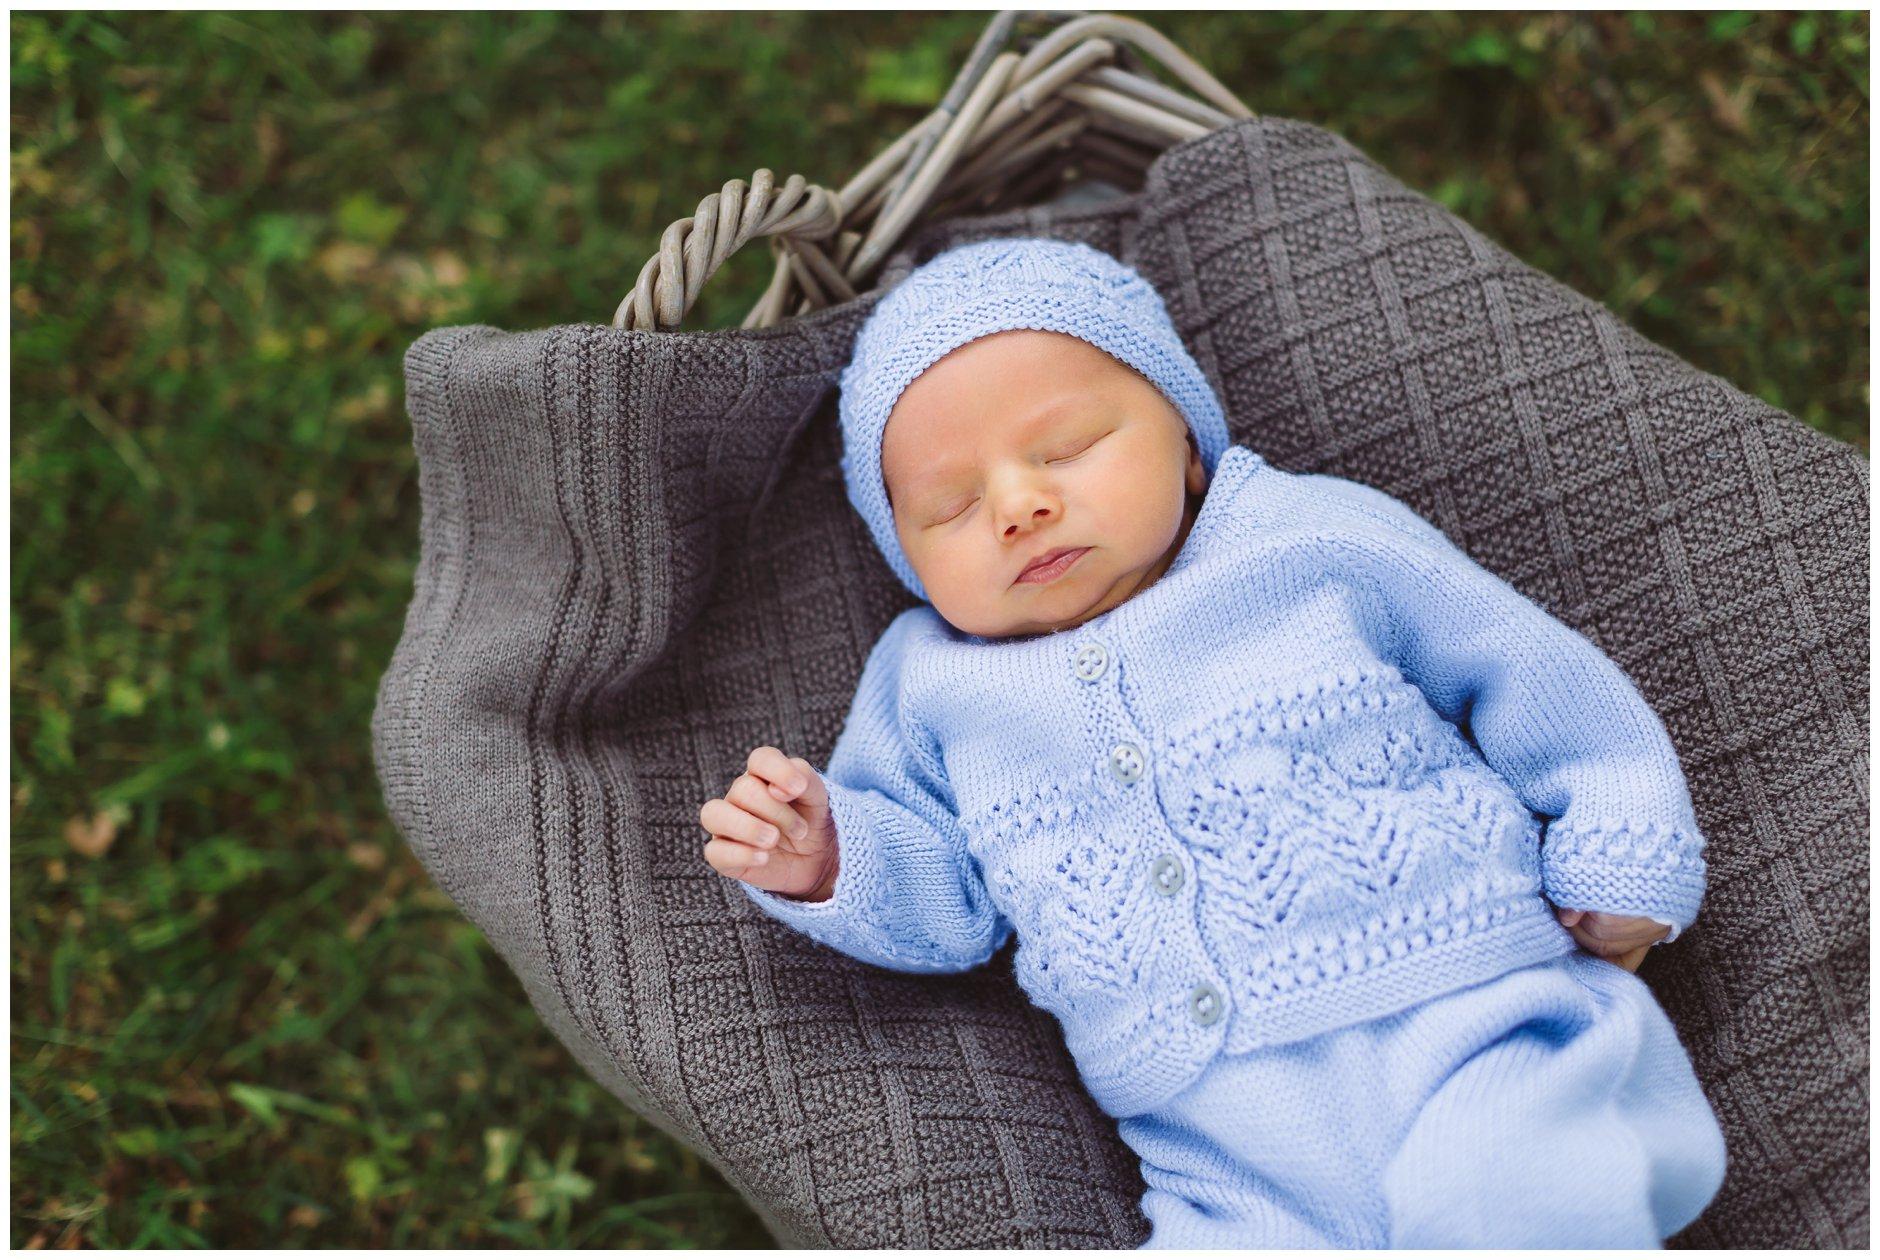 Utendørs nyfødtfotografering